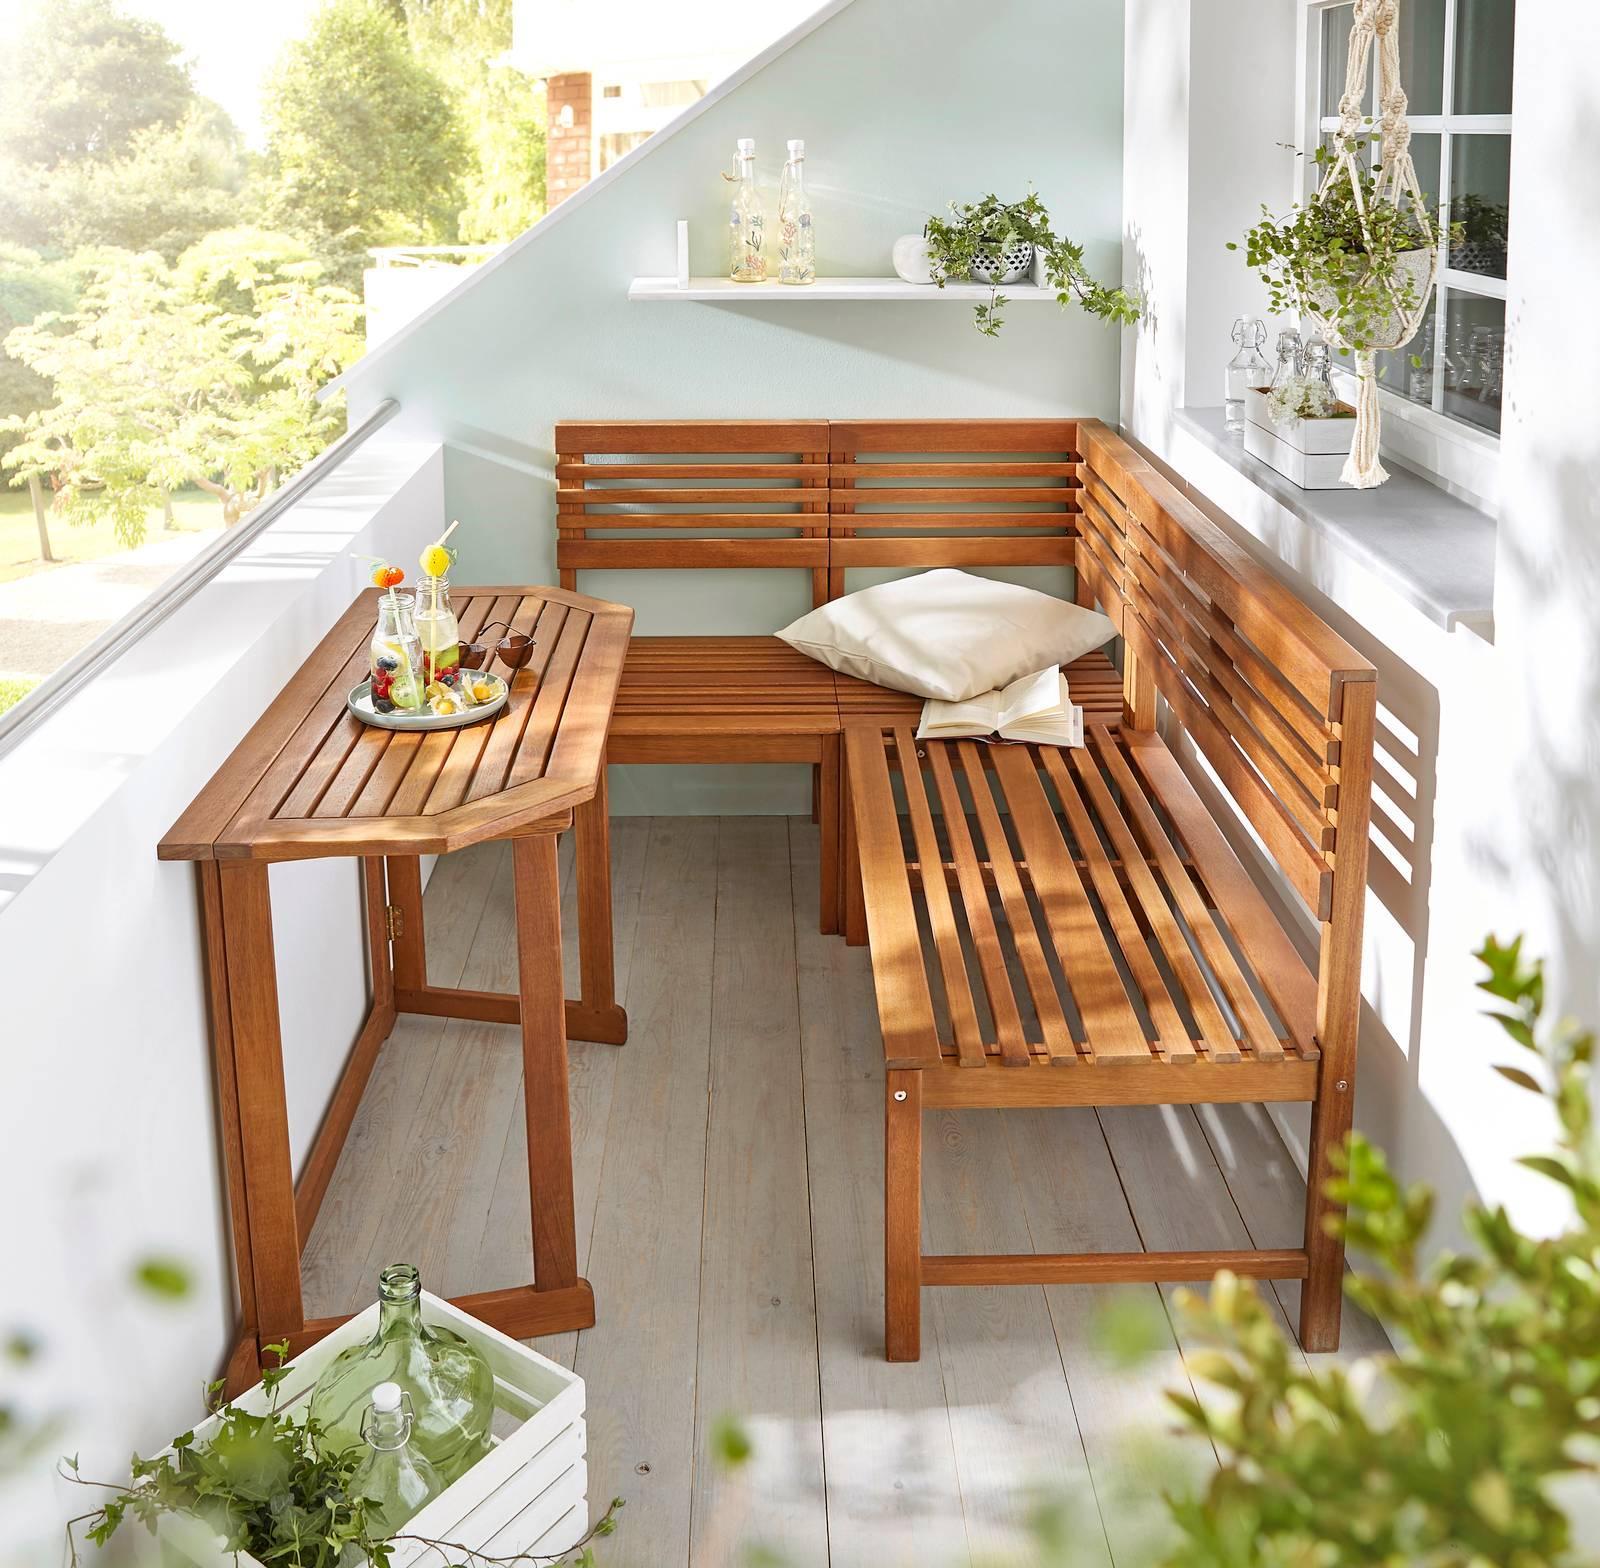 Tavolo In Legno Con Sedie Da Giardino.Tavoli Per Esterno Con Sedie Per Giardino O Balcone Cose Di Casa